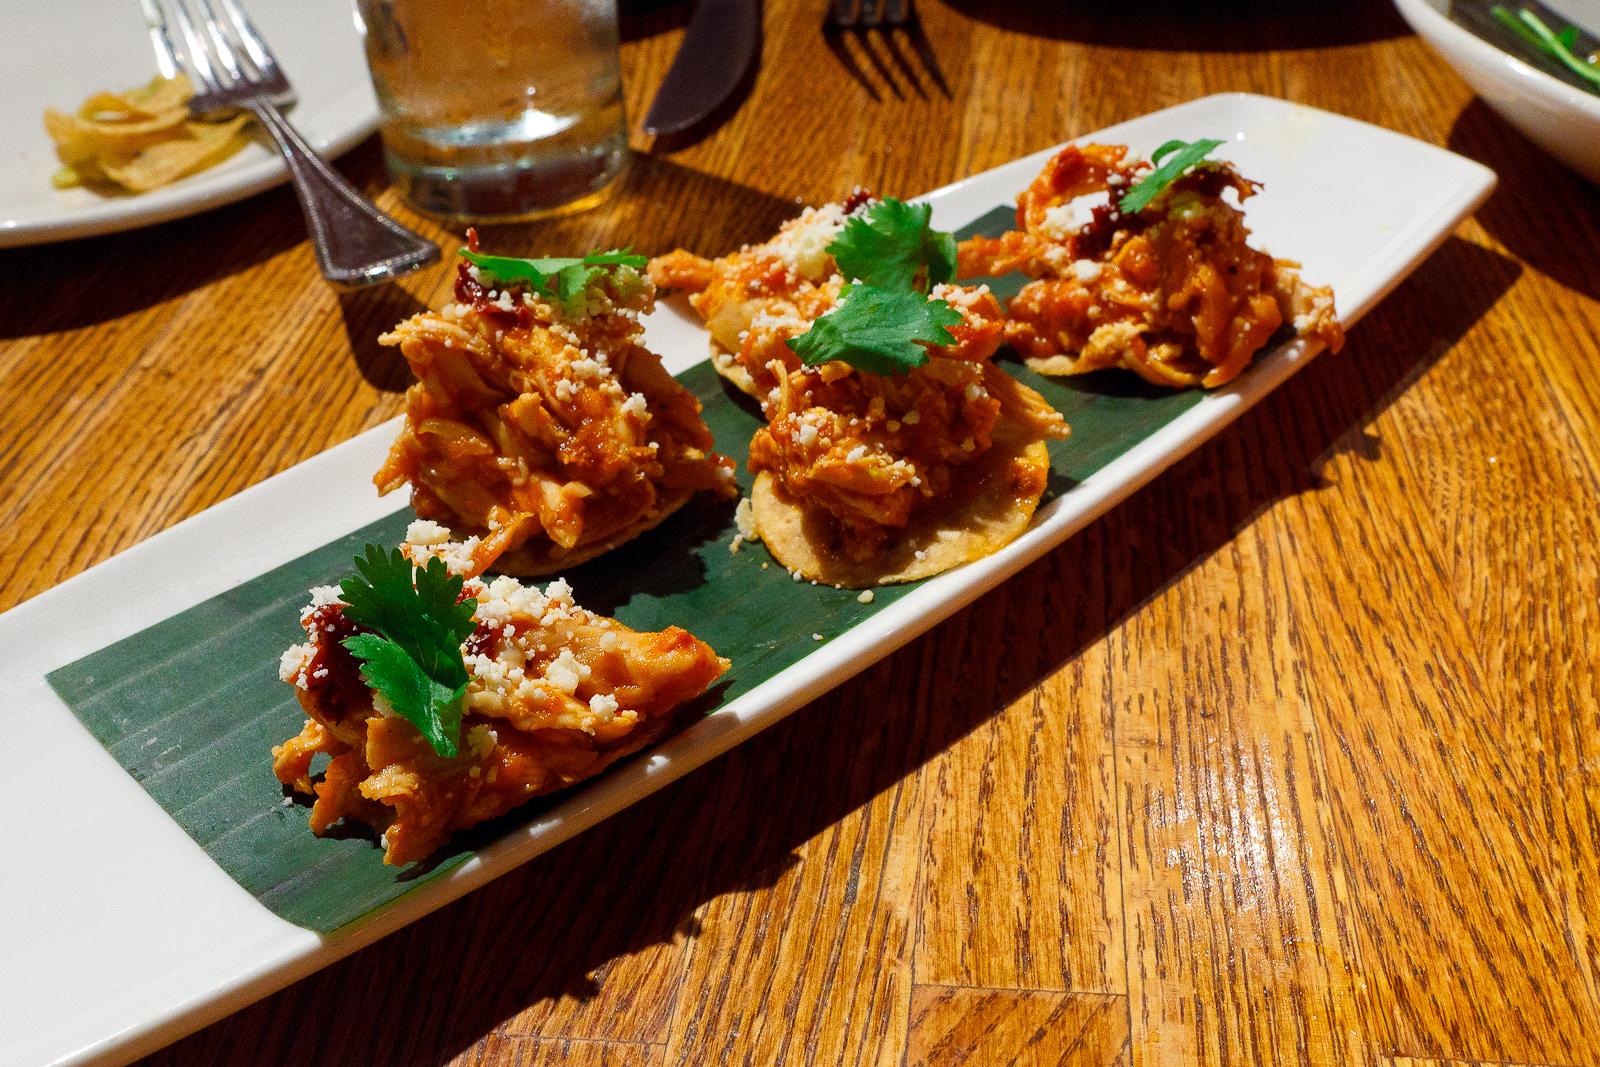 Tostaditas de tinga de pollo, crispy bite-sized tostadas